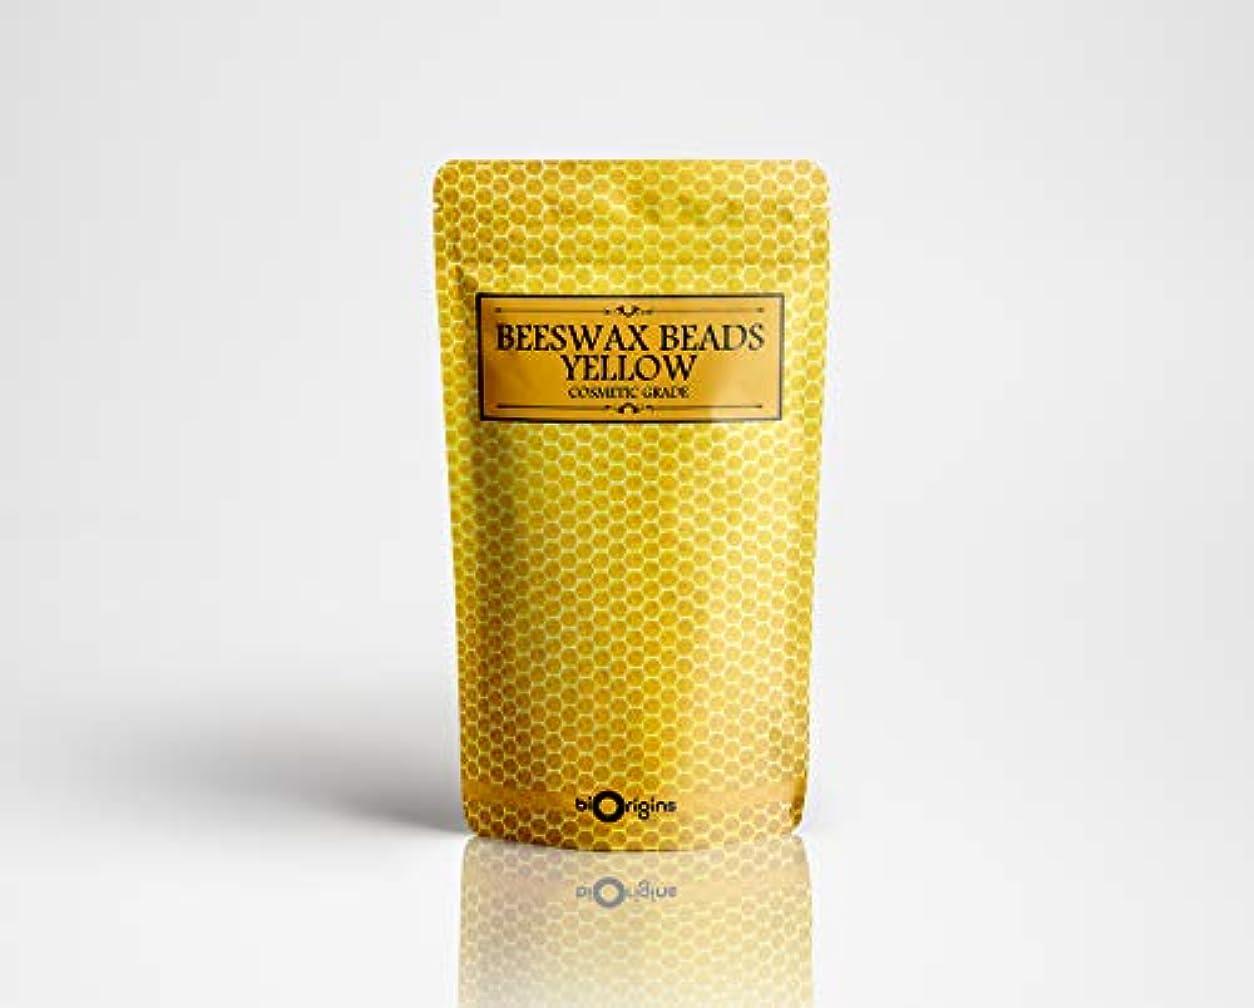 スリット大量開始Beeswax Beads Yellow - Cosmetic Grade - 100g